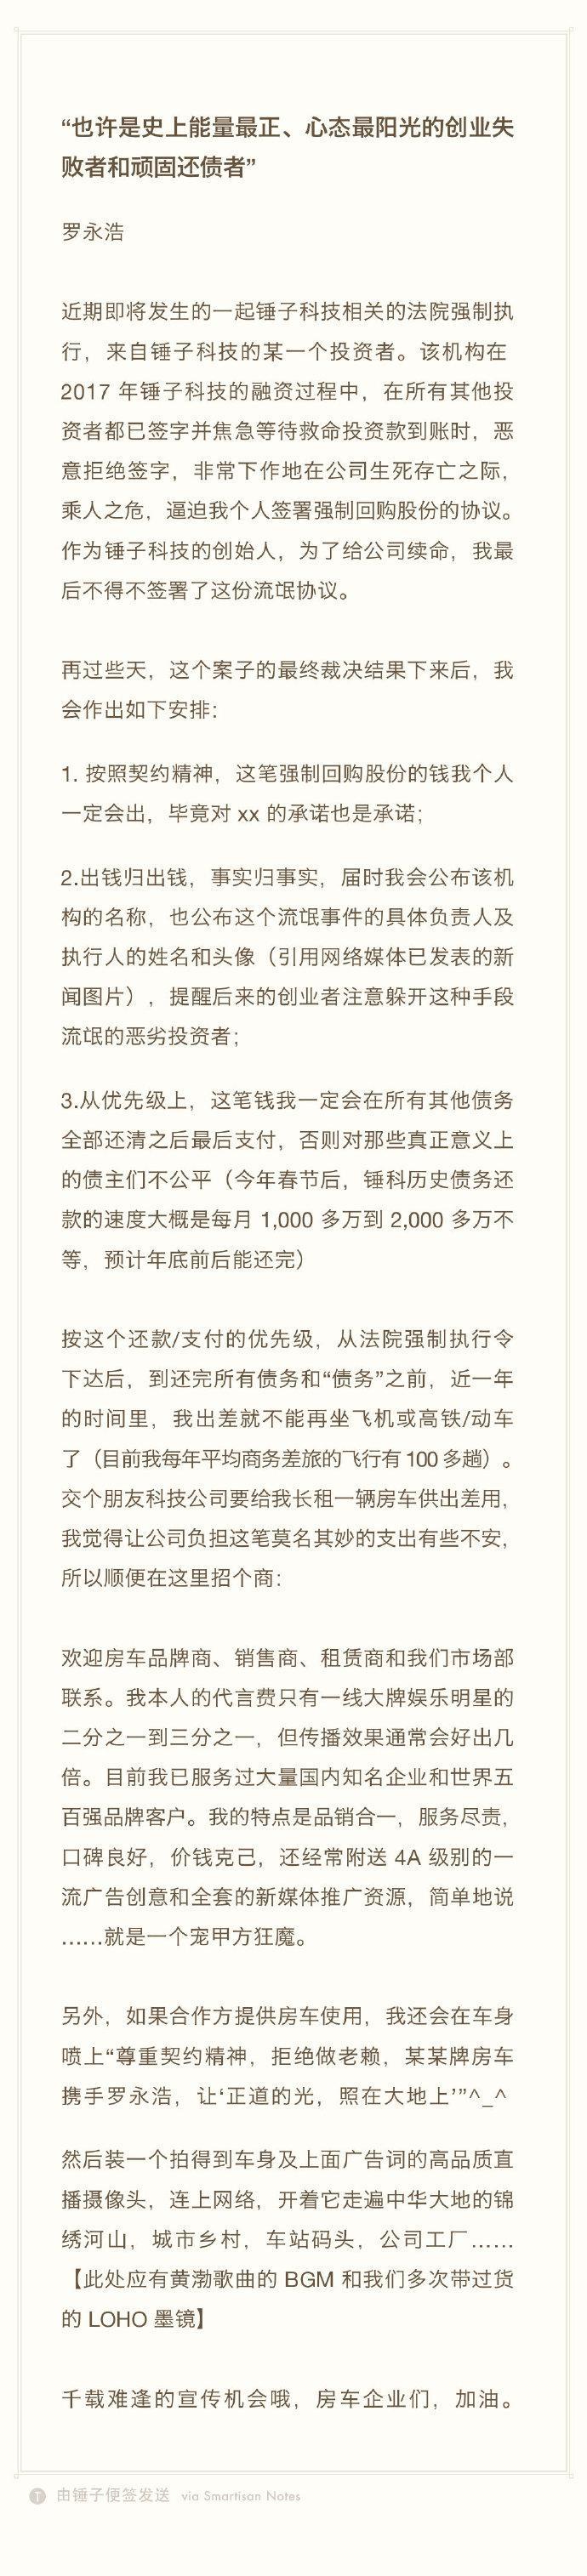 罗永浩回应再成被执行人投资者逼迫签署强制回购股份协议